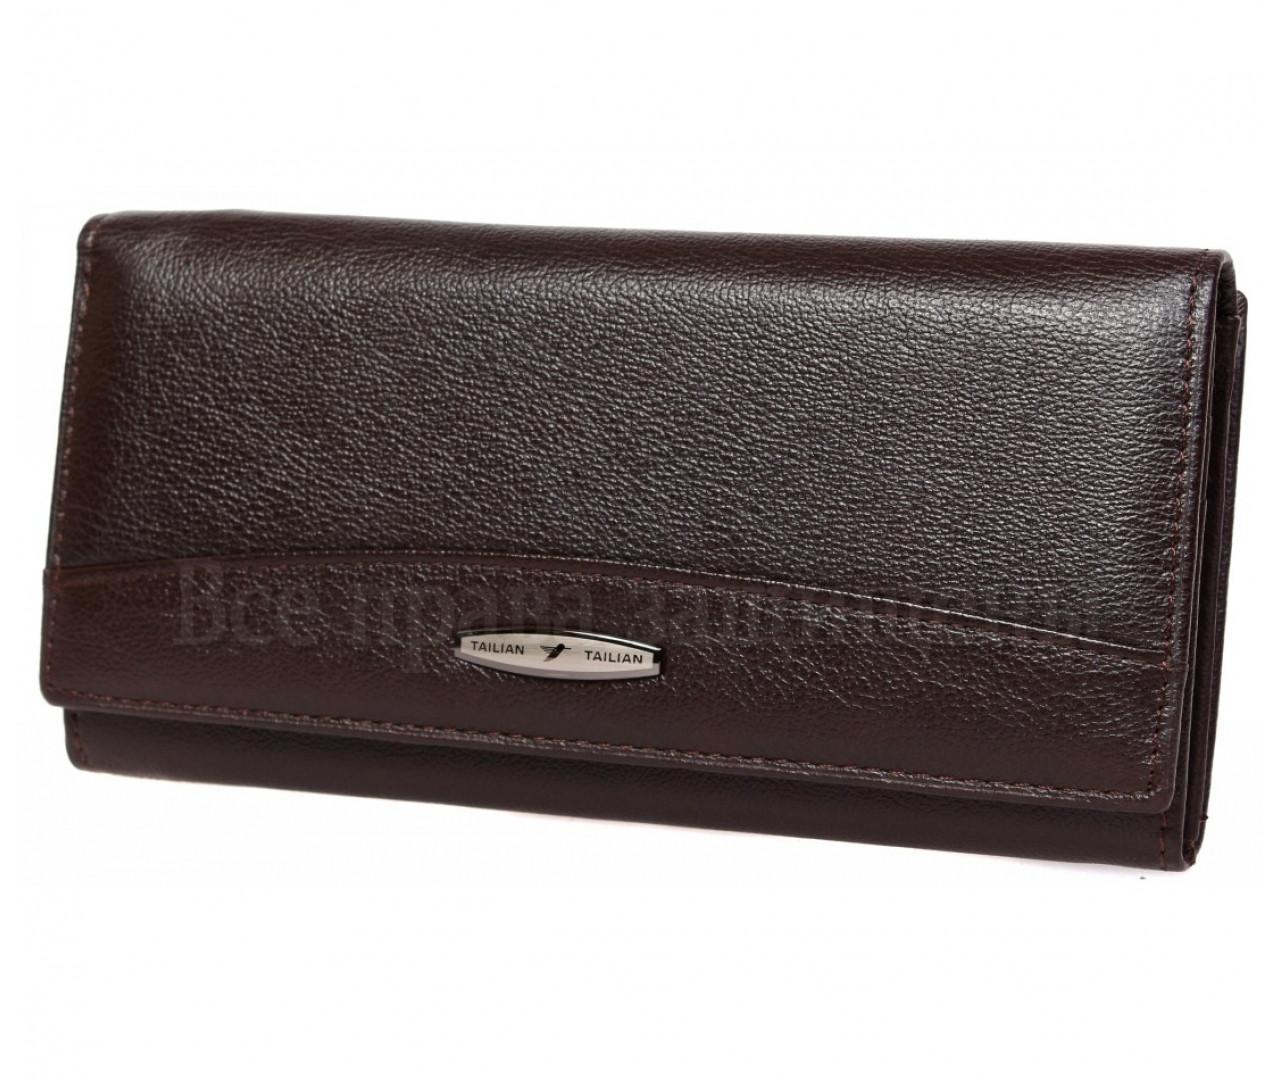 2ab7598dd1e8 Кожаный женский кошелек в темно коричневом цвете с внешней монетницей -  Tailian (16113) -